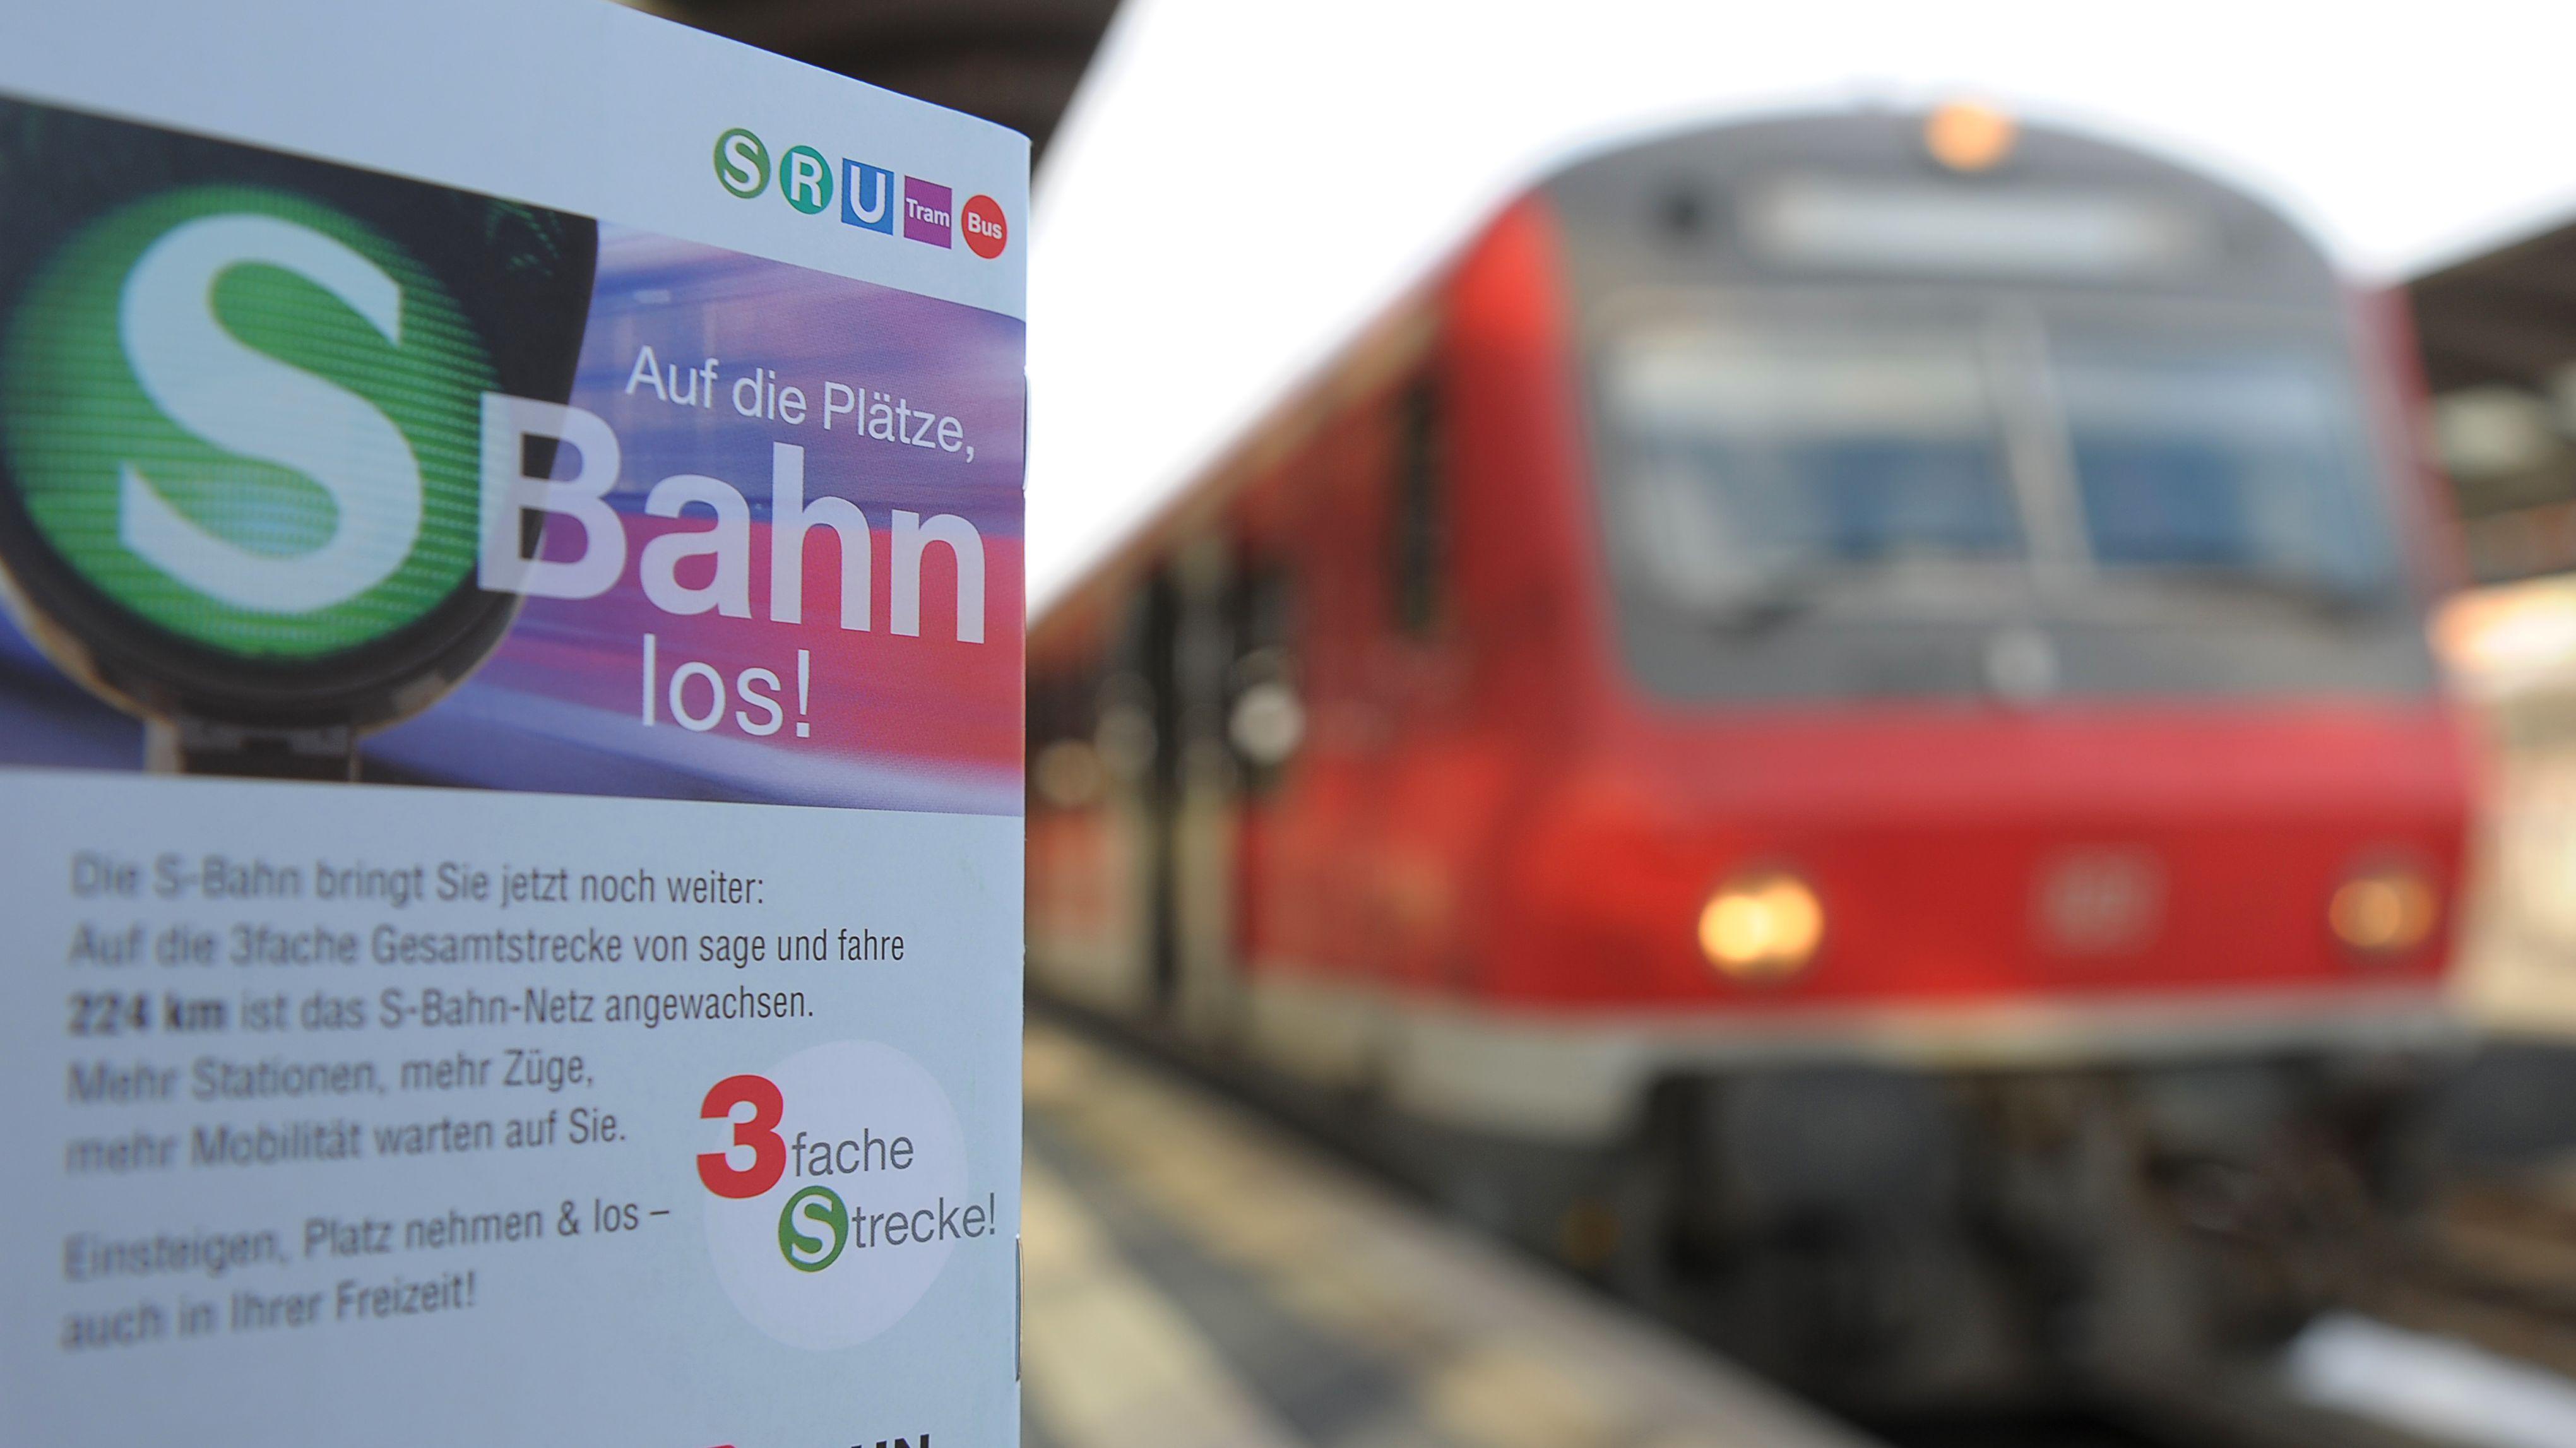 Schild an einem Bahnsteig der S-Bahn im VGN